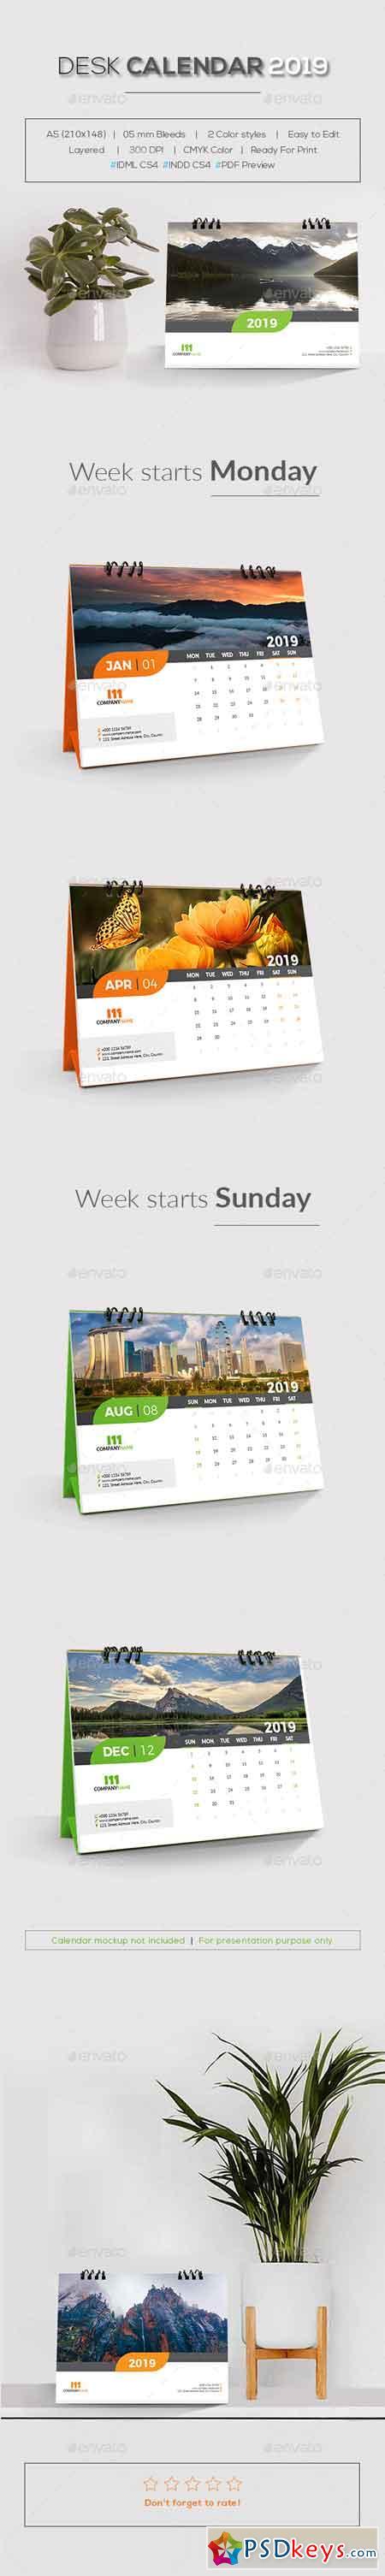 Desk Calendar 2019 22896362